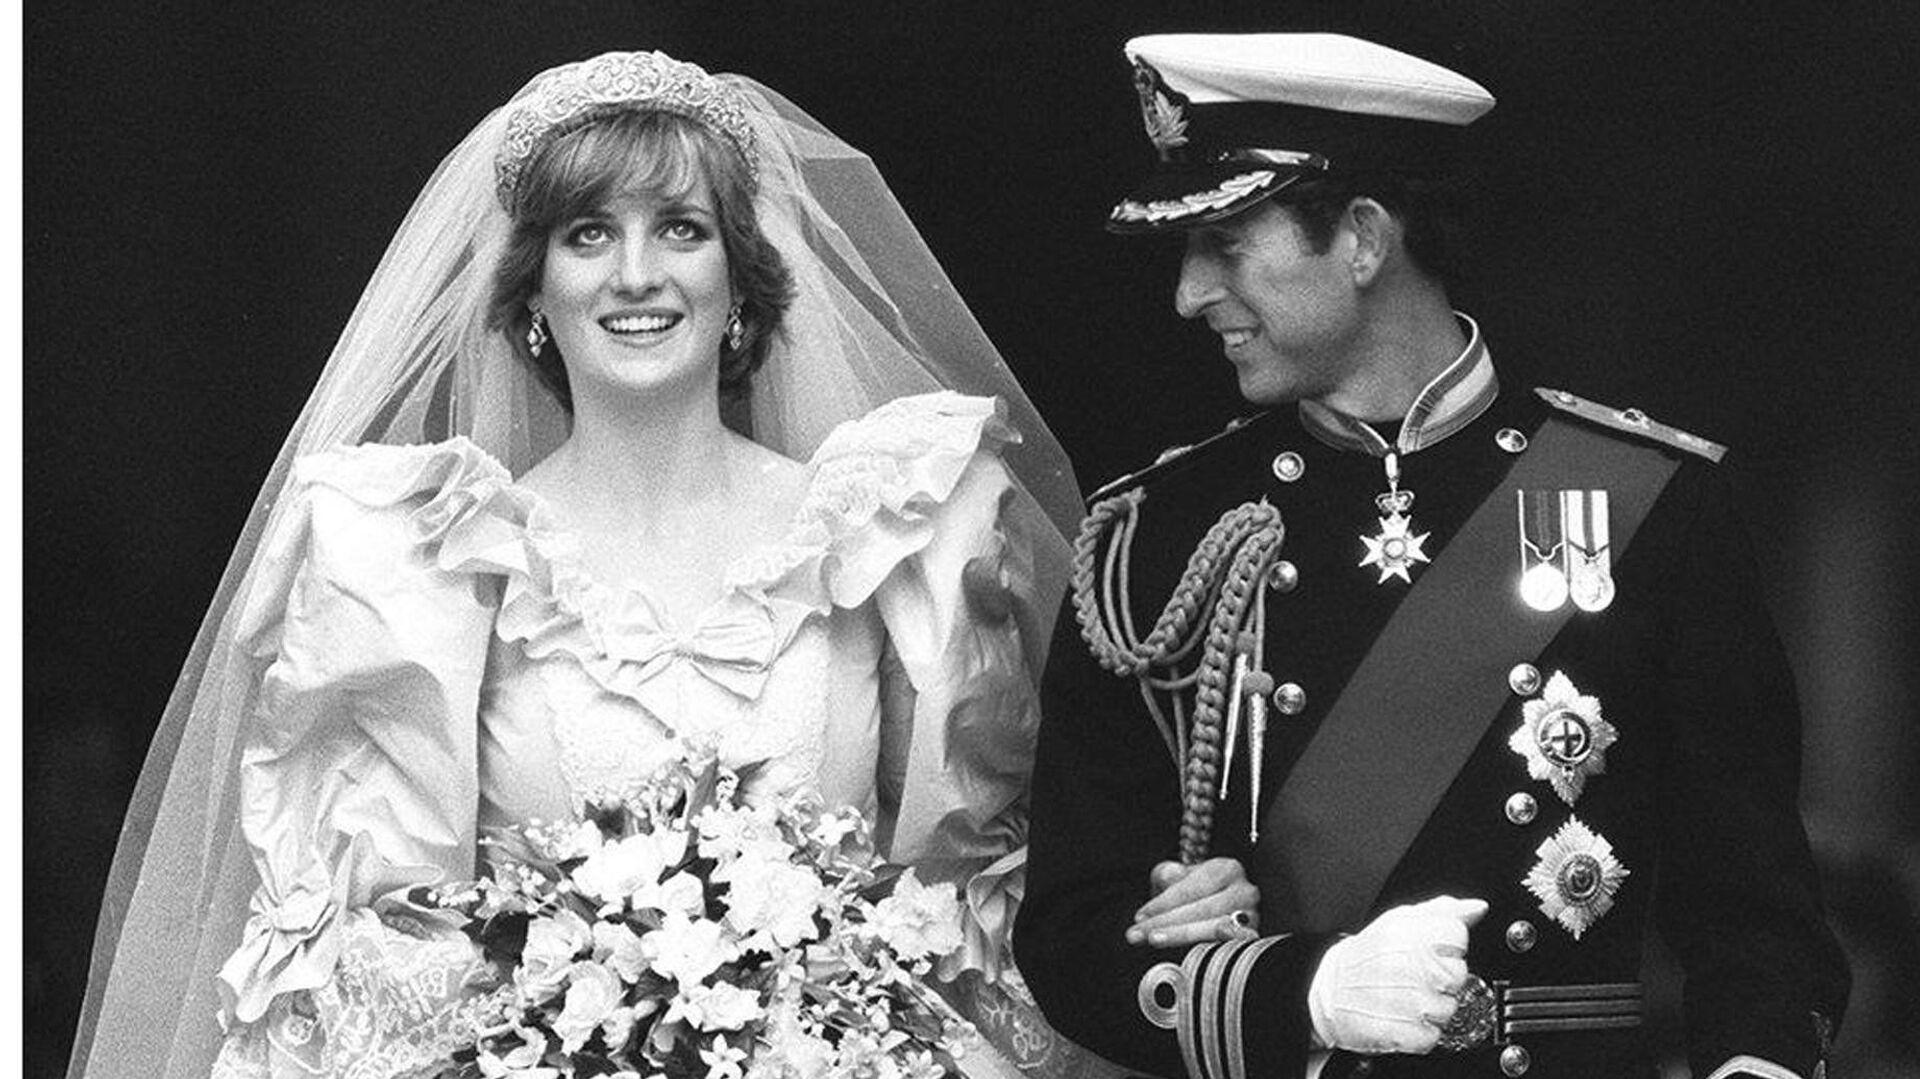 Принцесса Диана и принц Чарльз в день своей свадьбы в Лондоне, 29 июля 1981  - РИА Новости, 1920, 29.07.2020